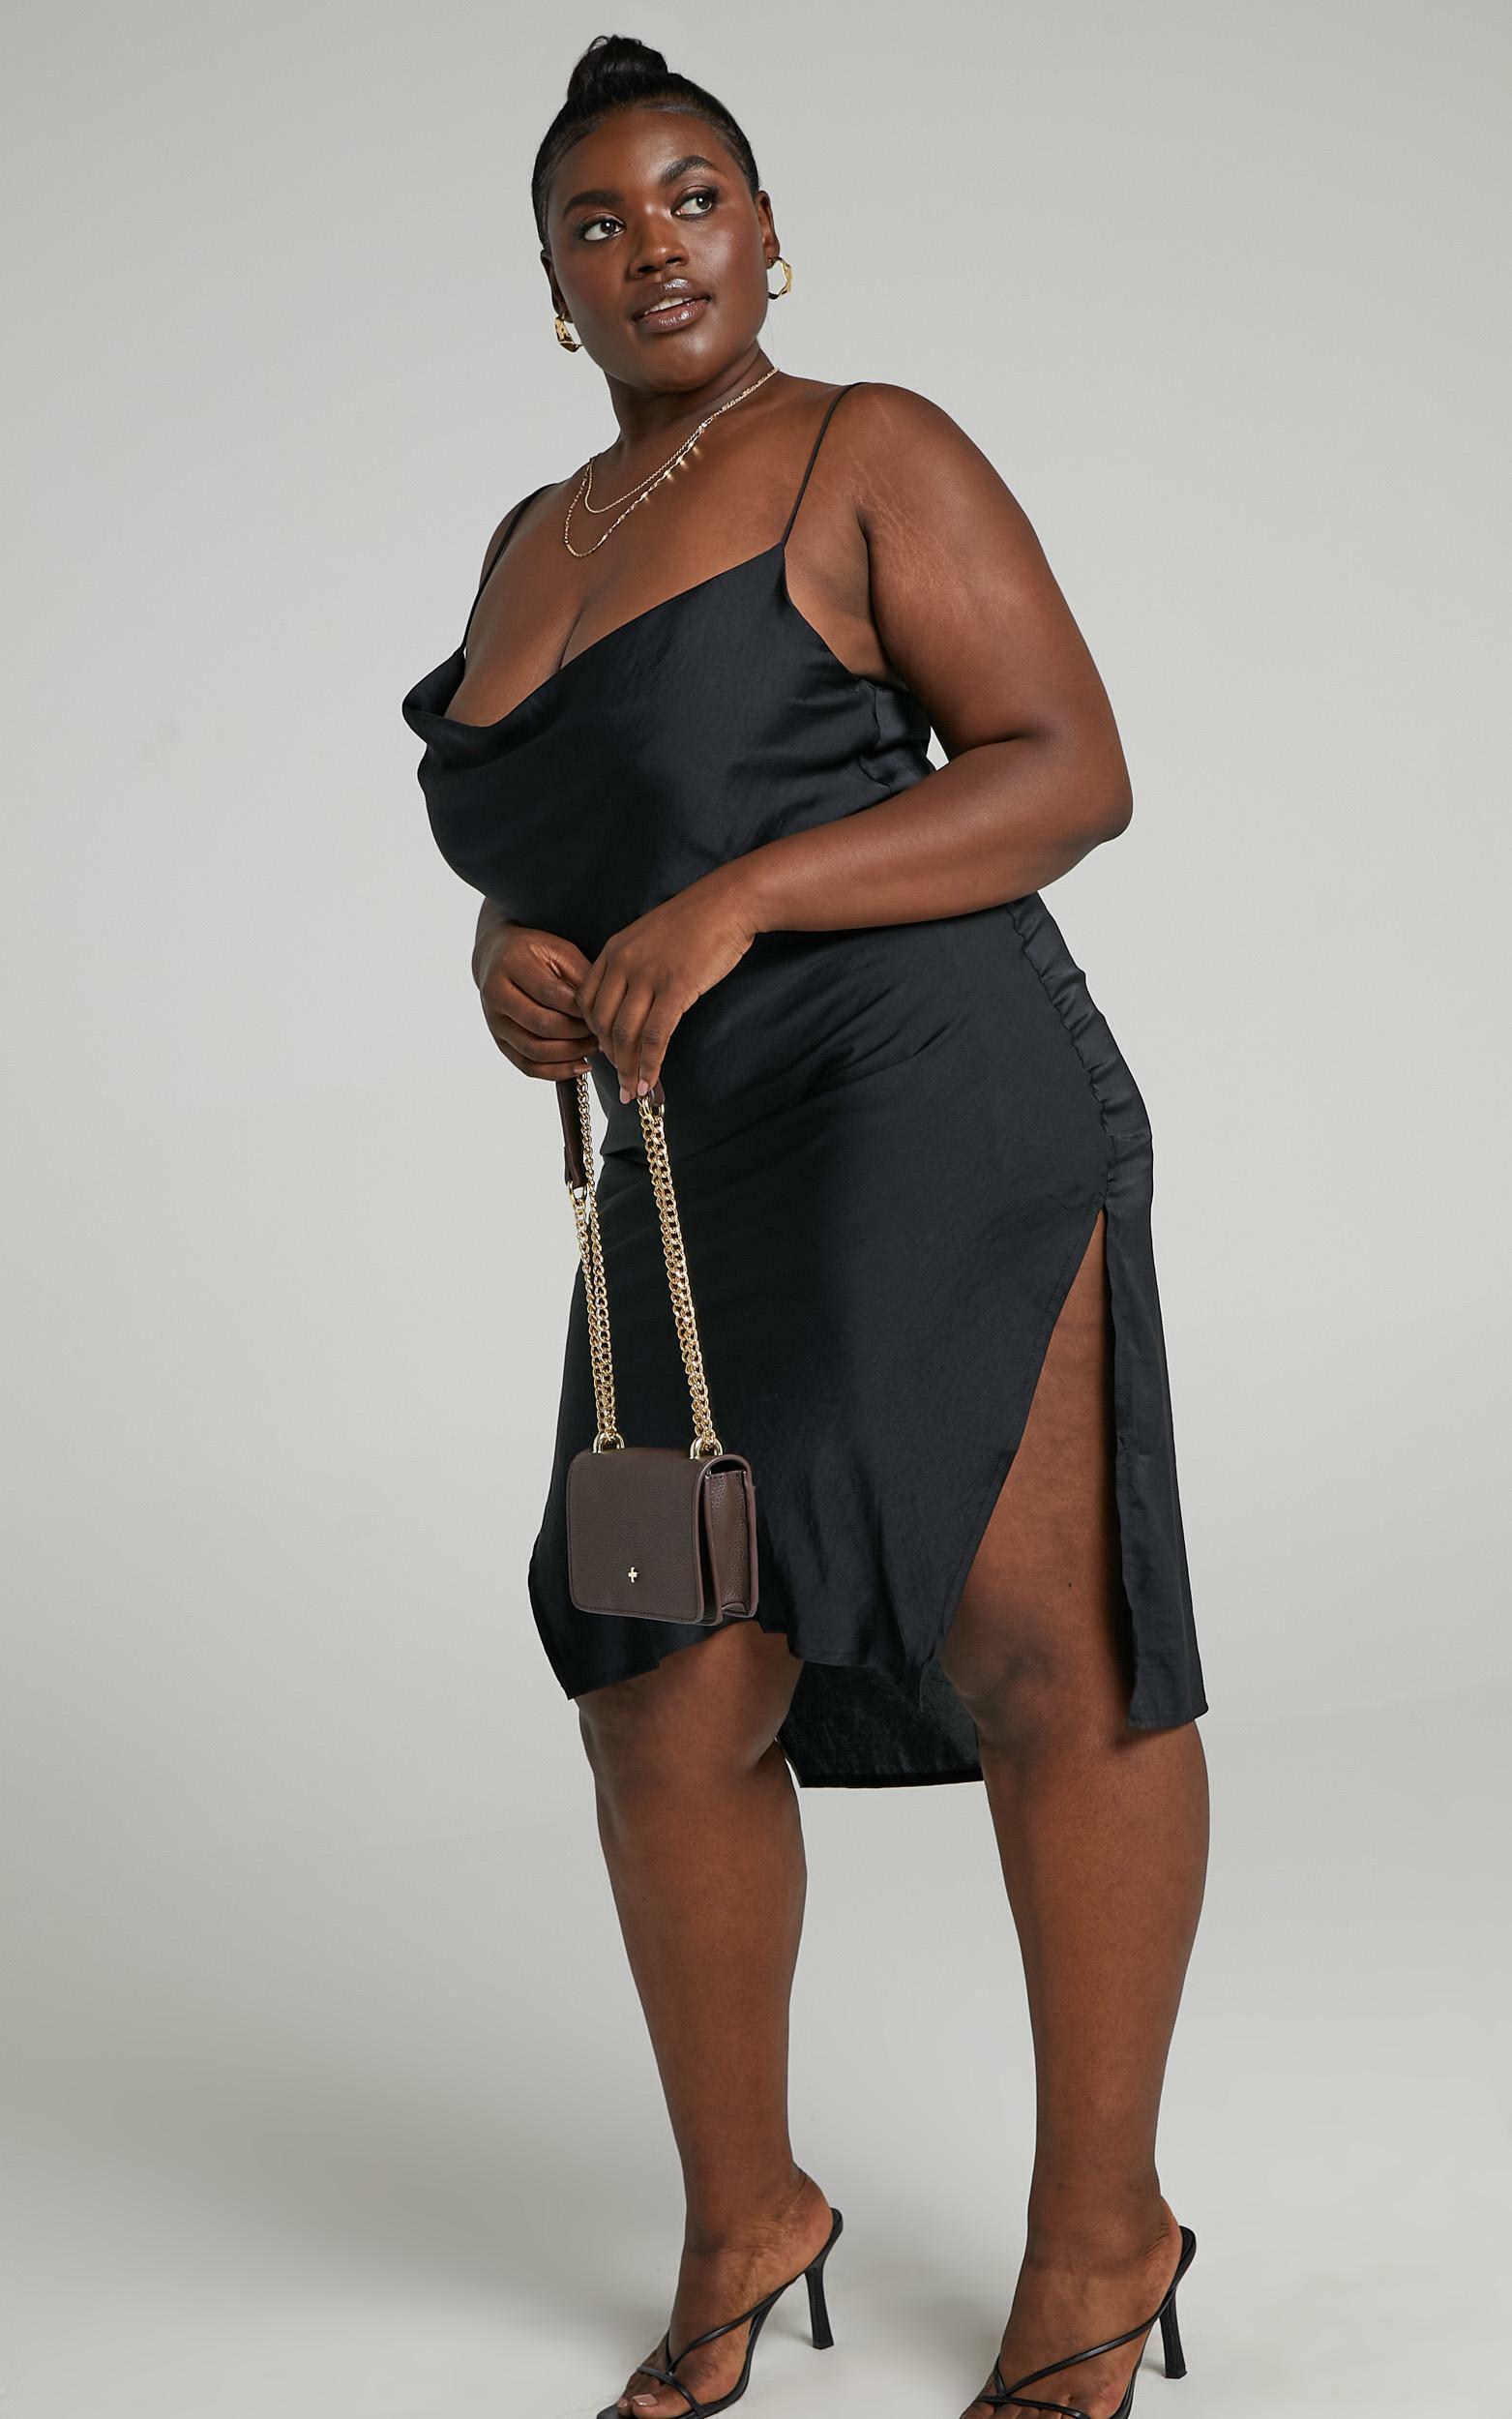 Levelle Dress in Black Satin - 6 (XS), Black, hi-res image number null